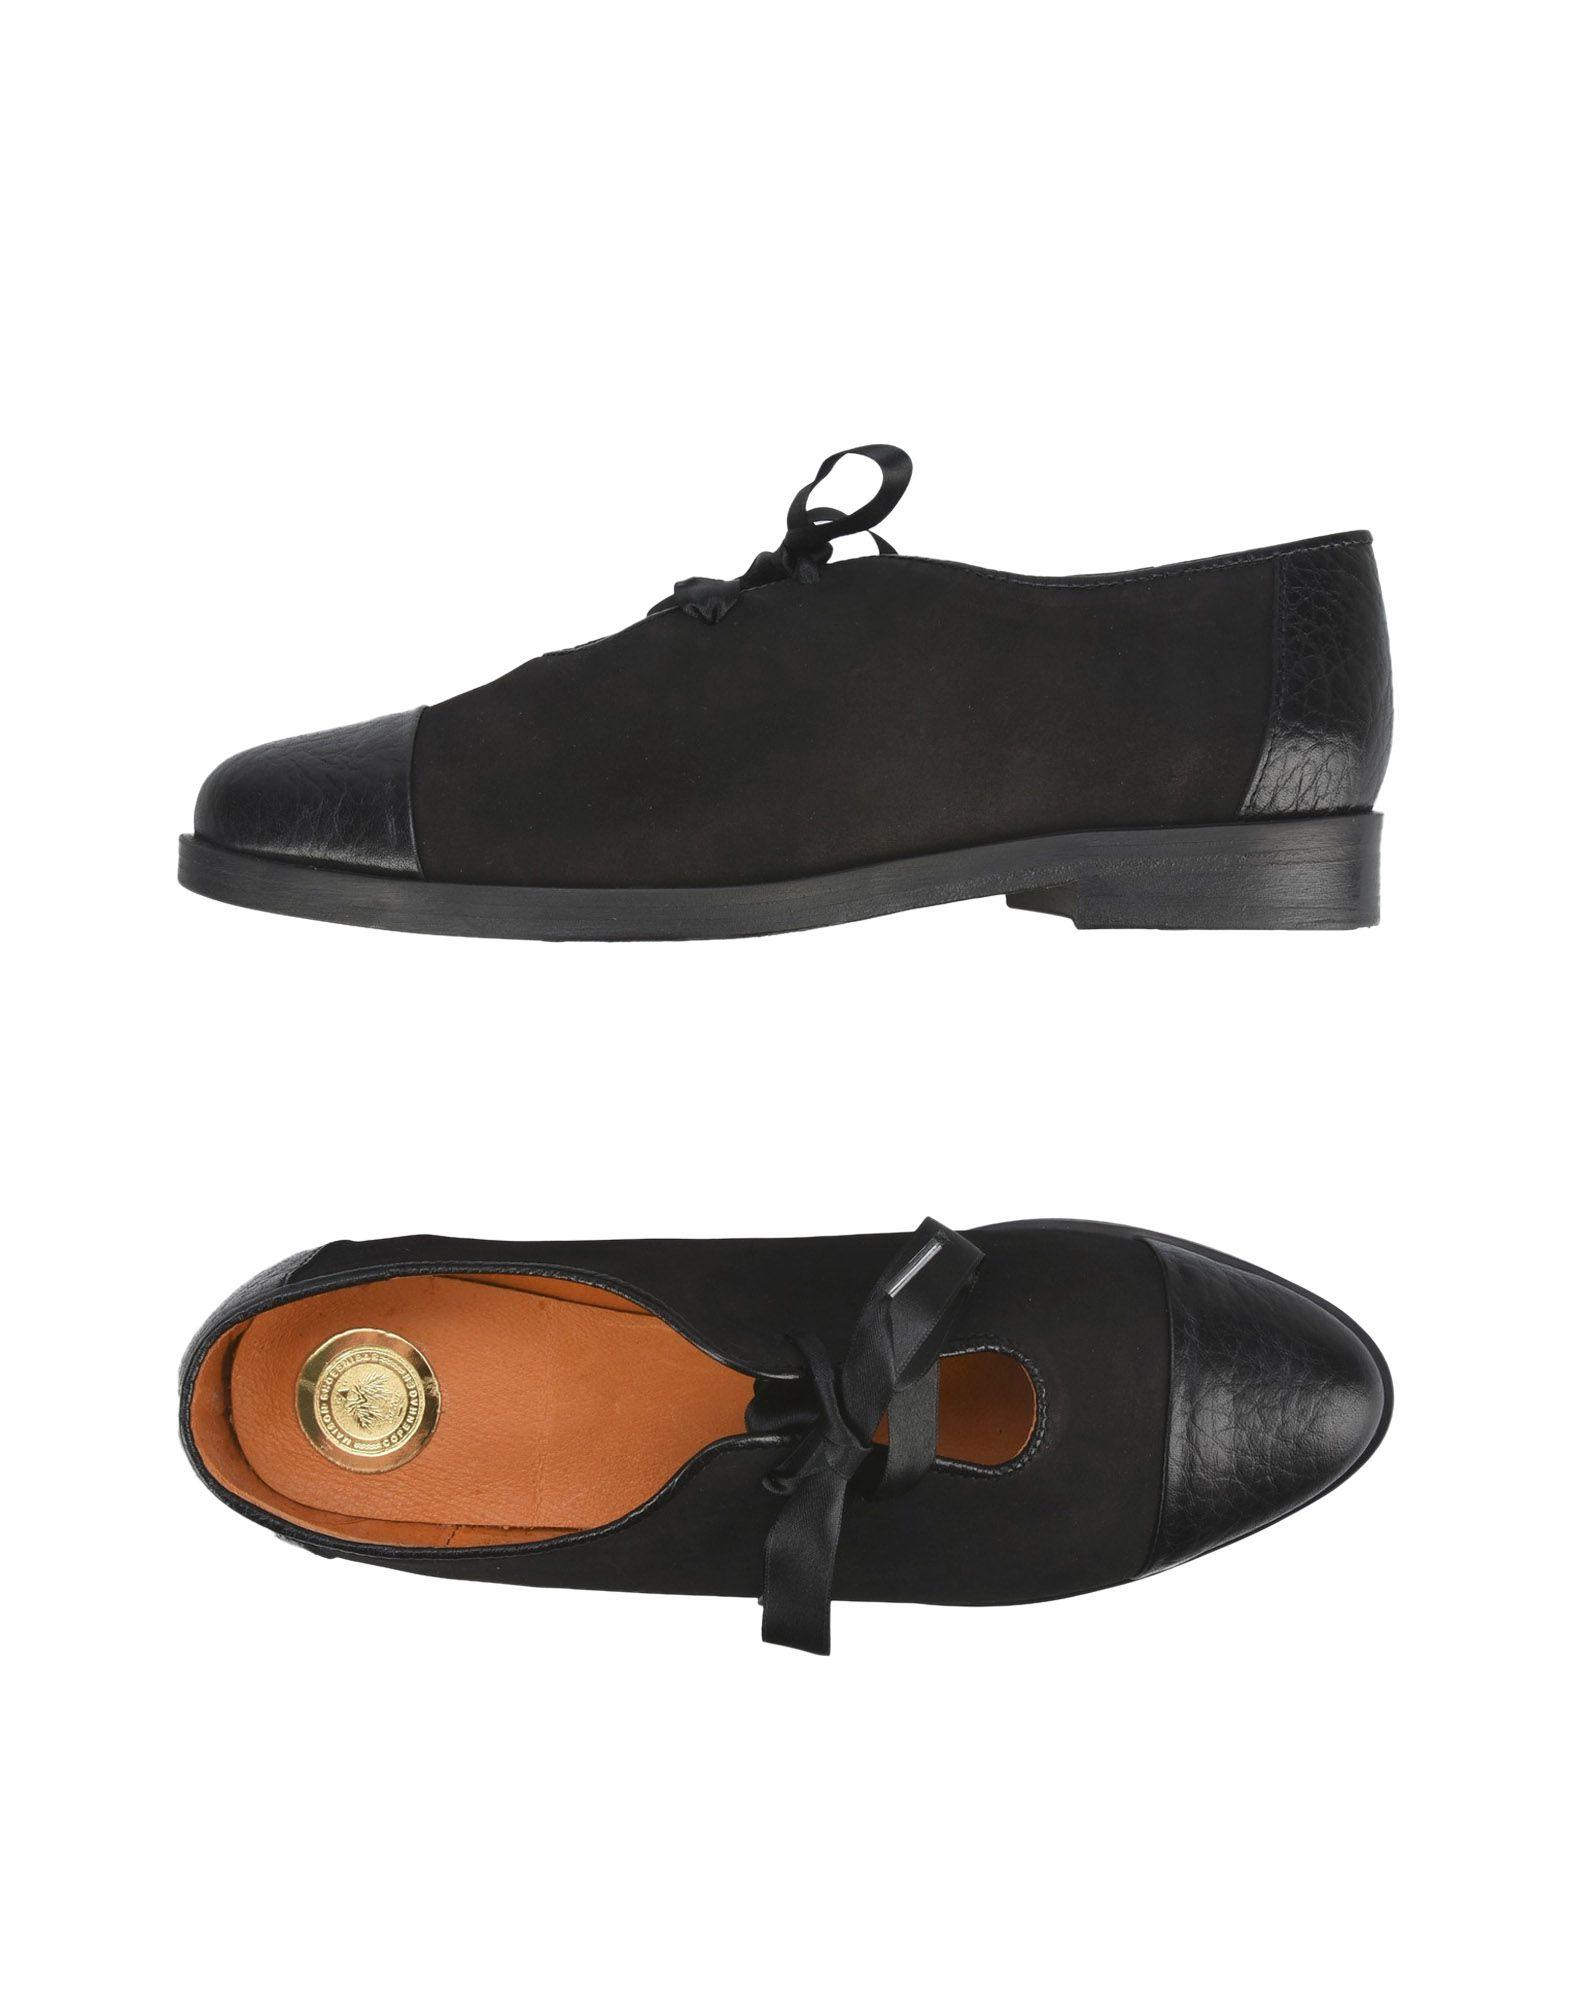 Stilvolle billige Schuheshibar Schuhe Maison Schuheshibar billige Eira  11226589JC dde784